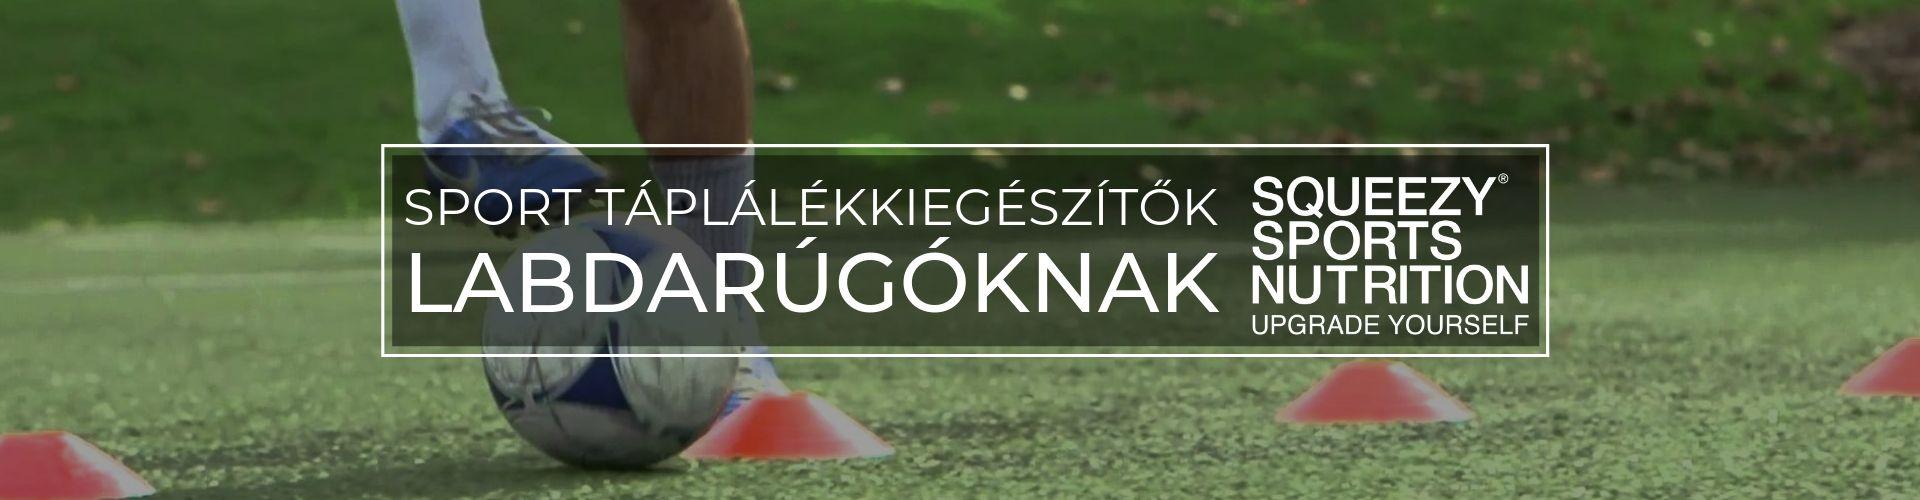 sport táplálékkiegészítők labdarúgóknak